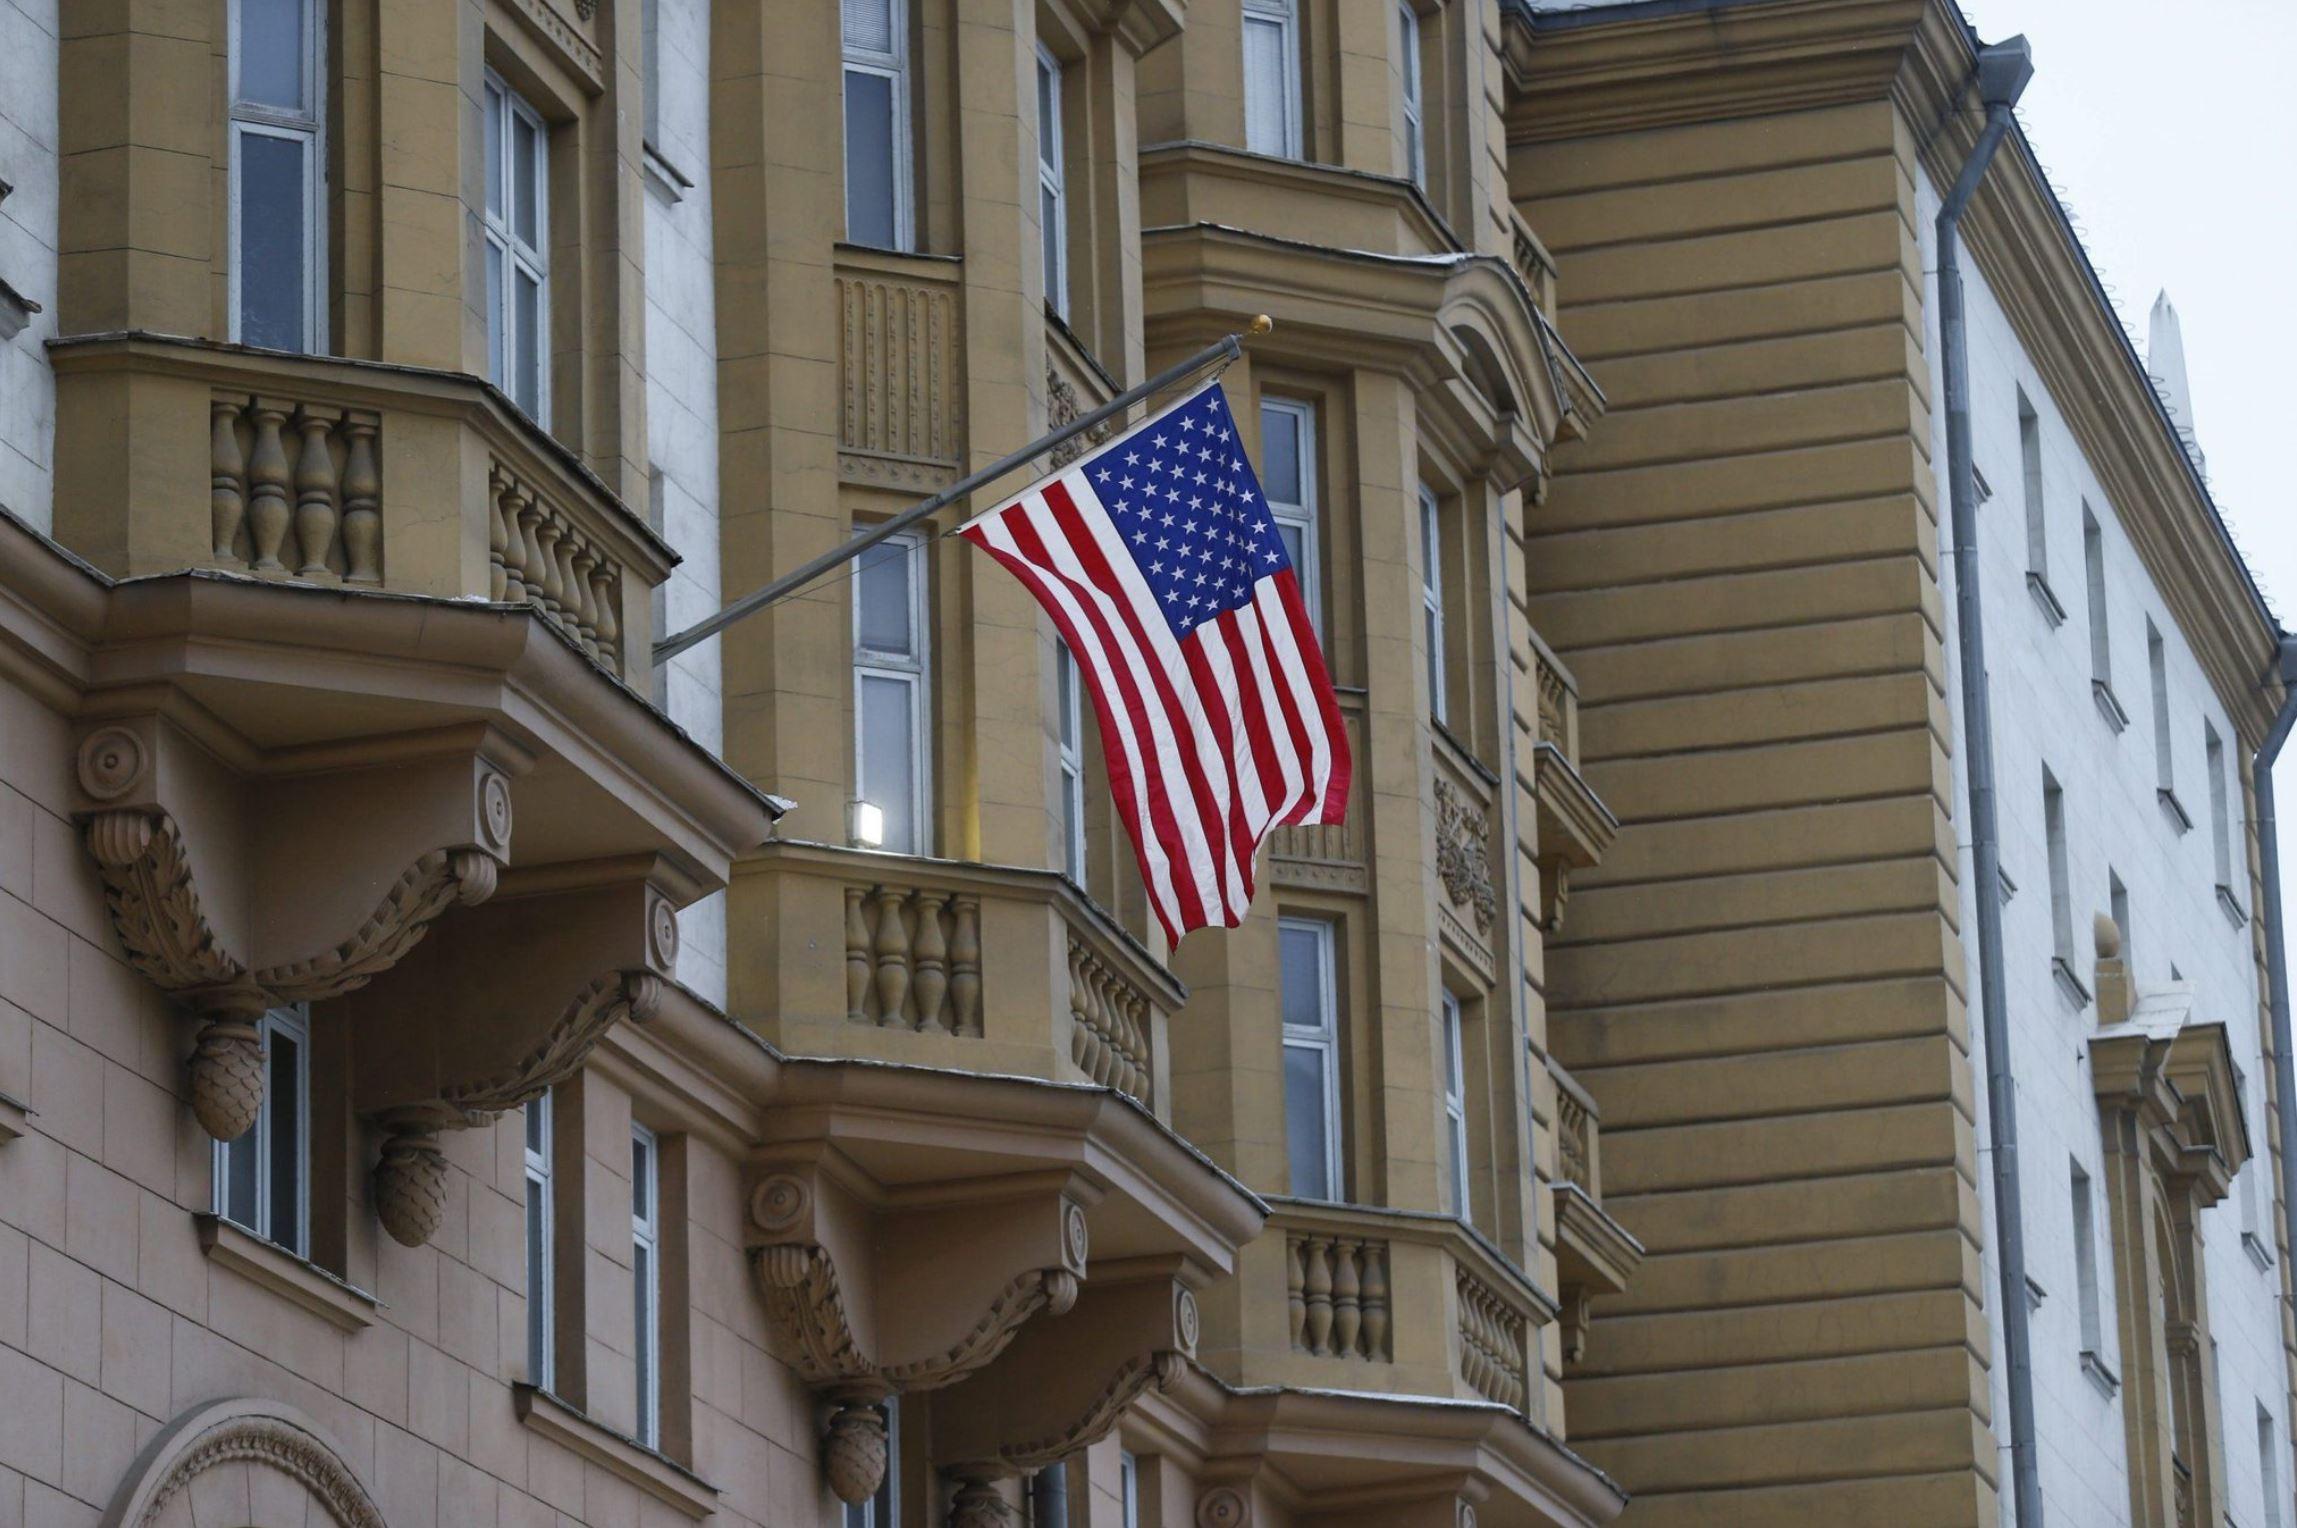 посольство США, камера хранения у посольства США